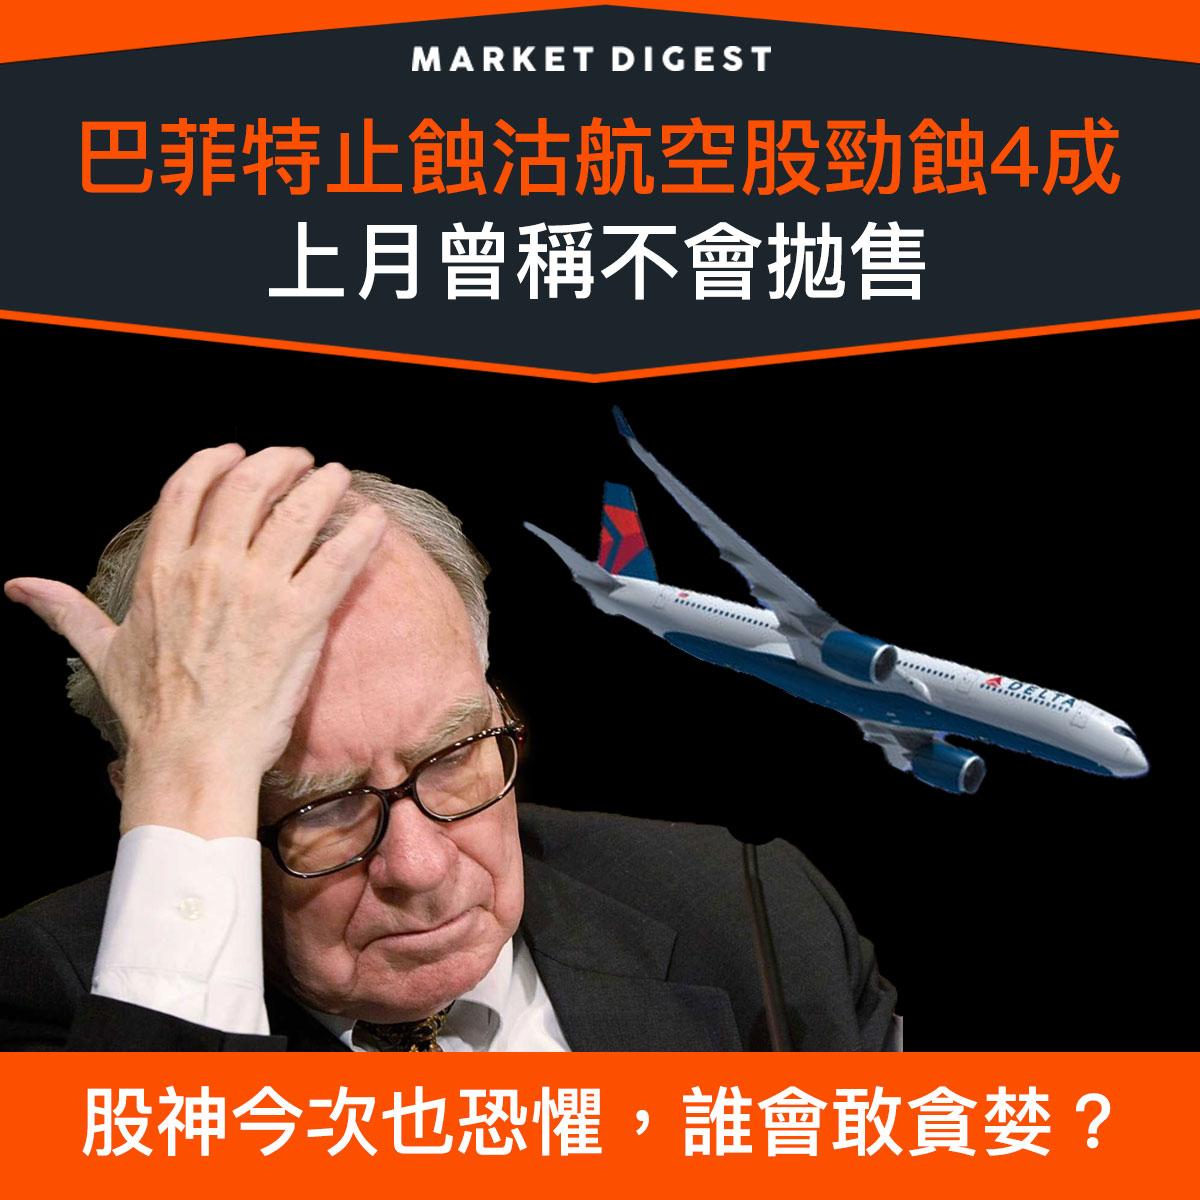 【市場熱話】巴菲特止蝕沽航空股勁蝕4成,上月曾稱不會拋售